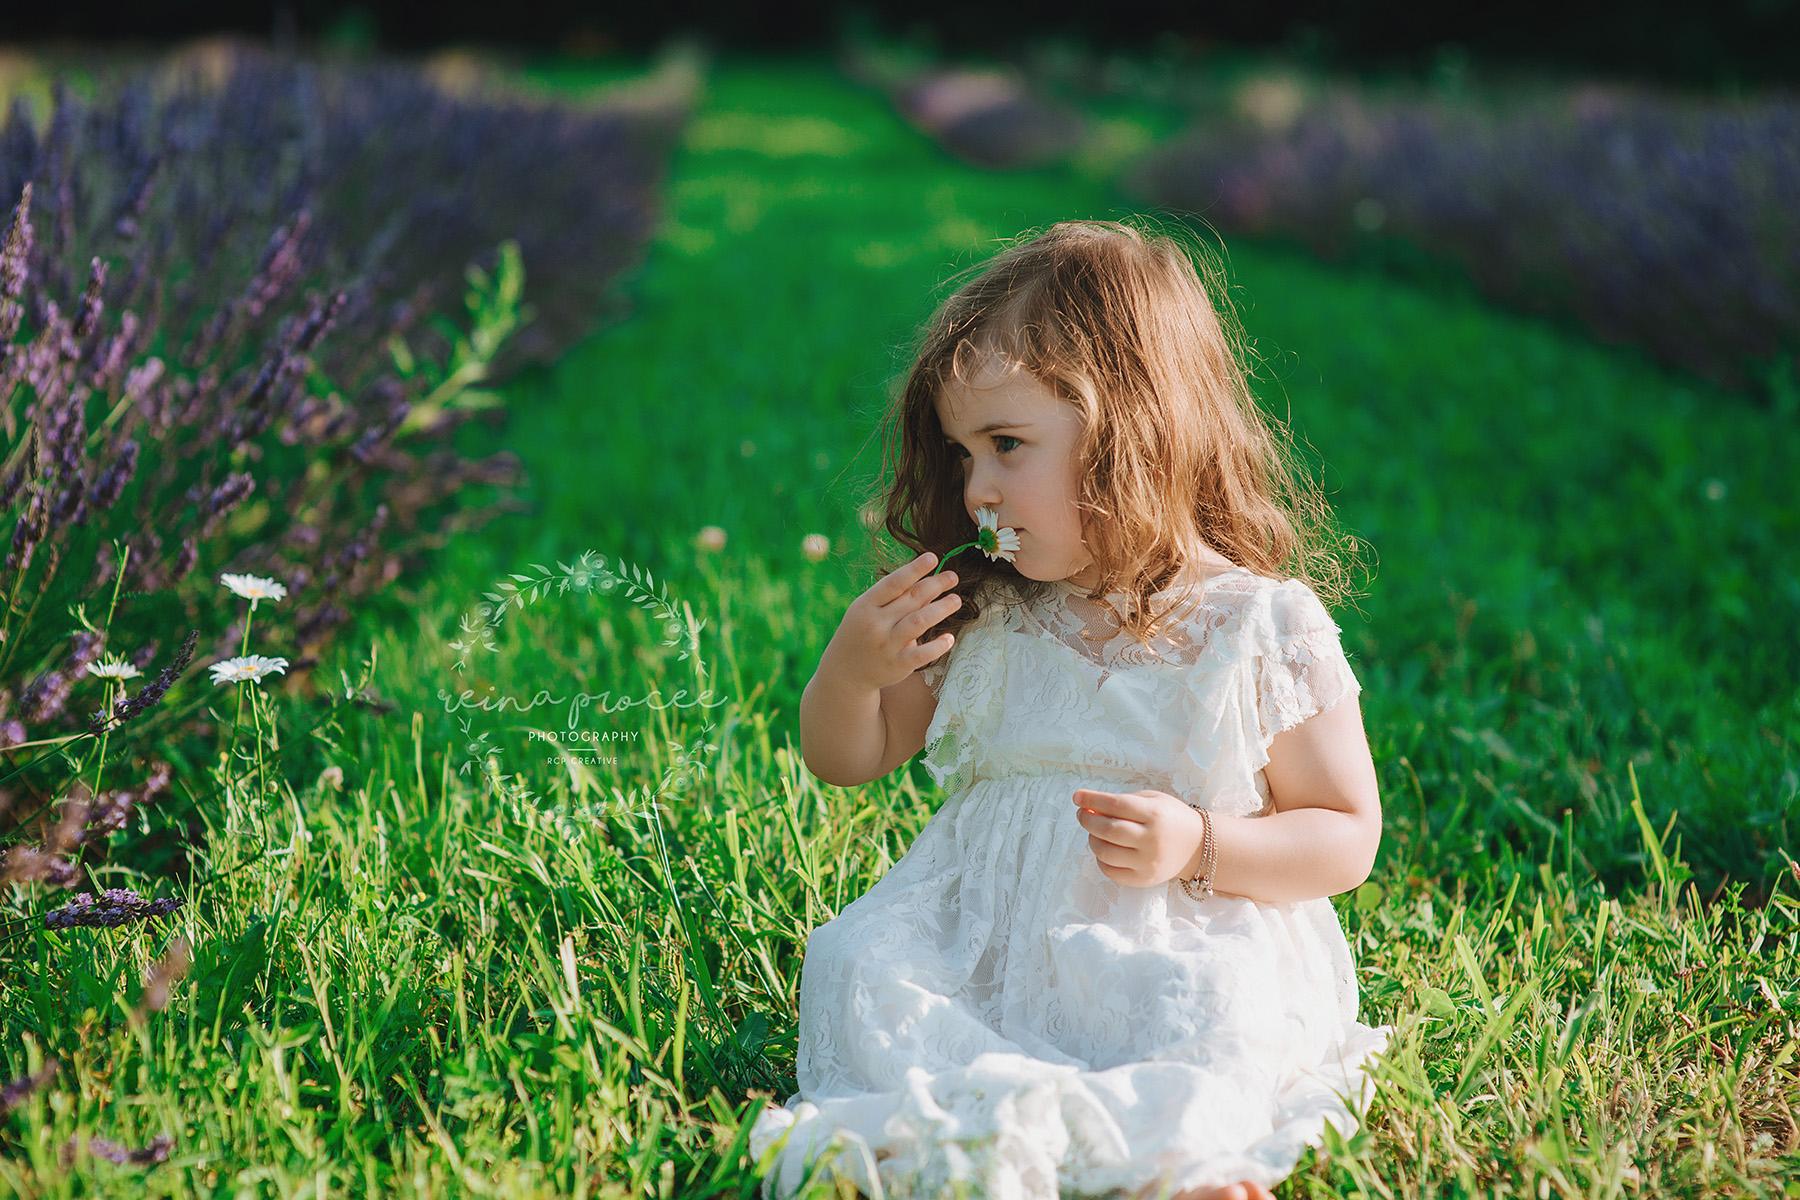 Little girl sitting in lavender